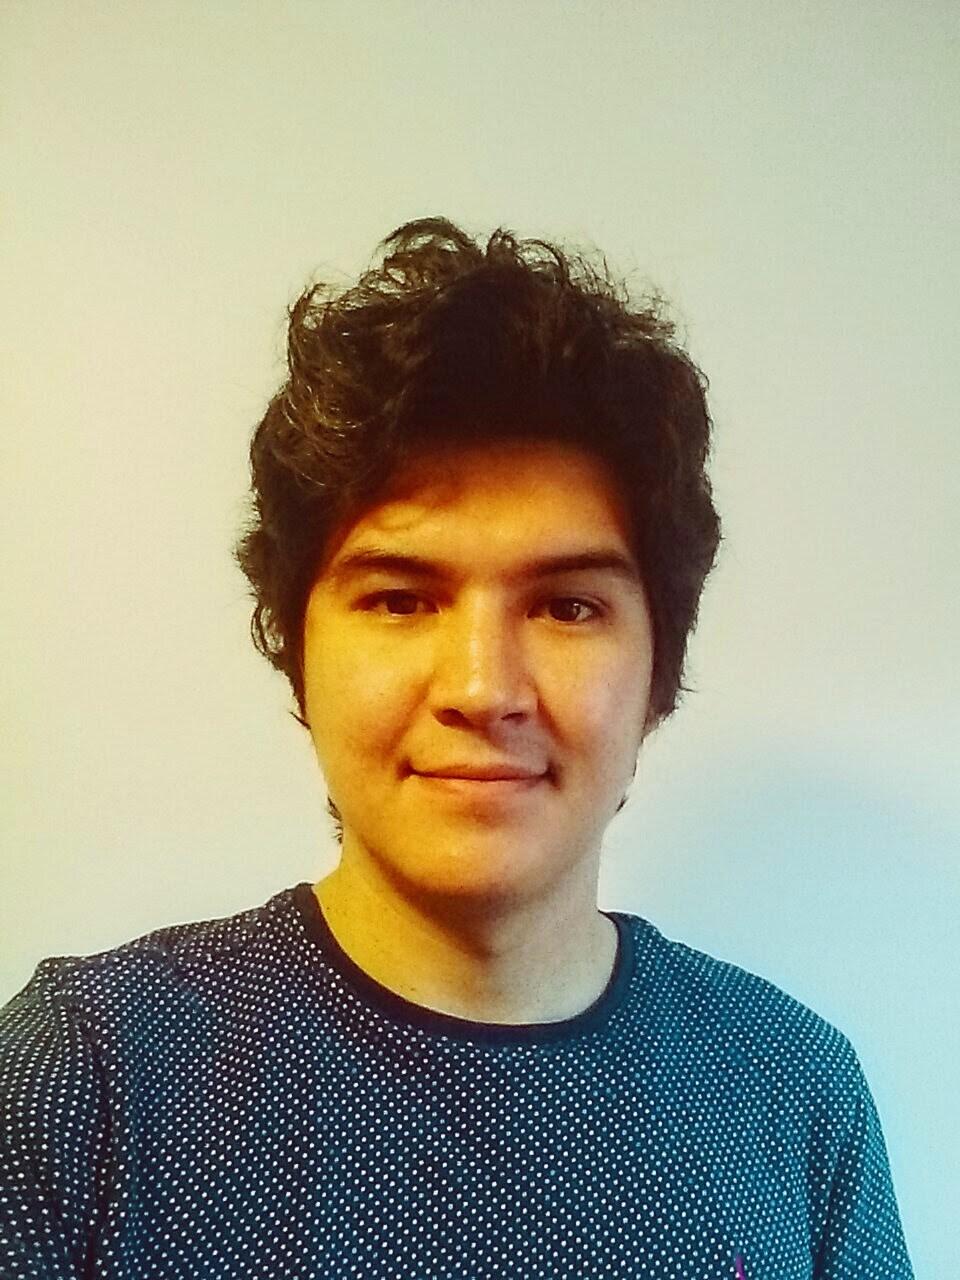 Marcelo from Glebe